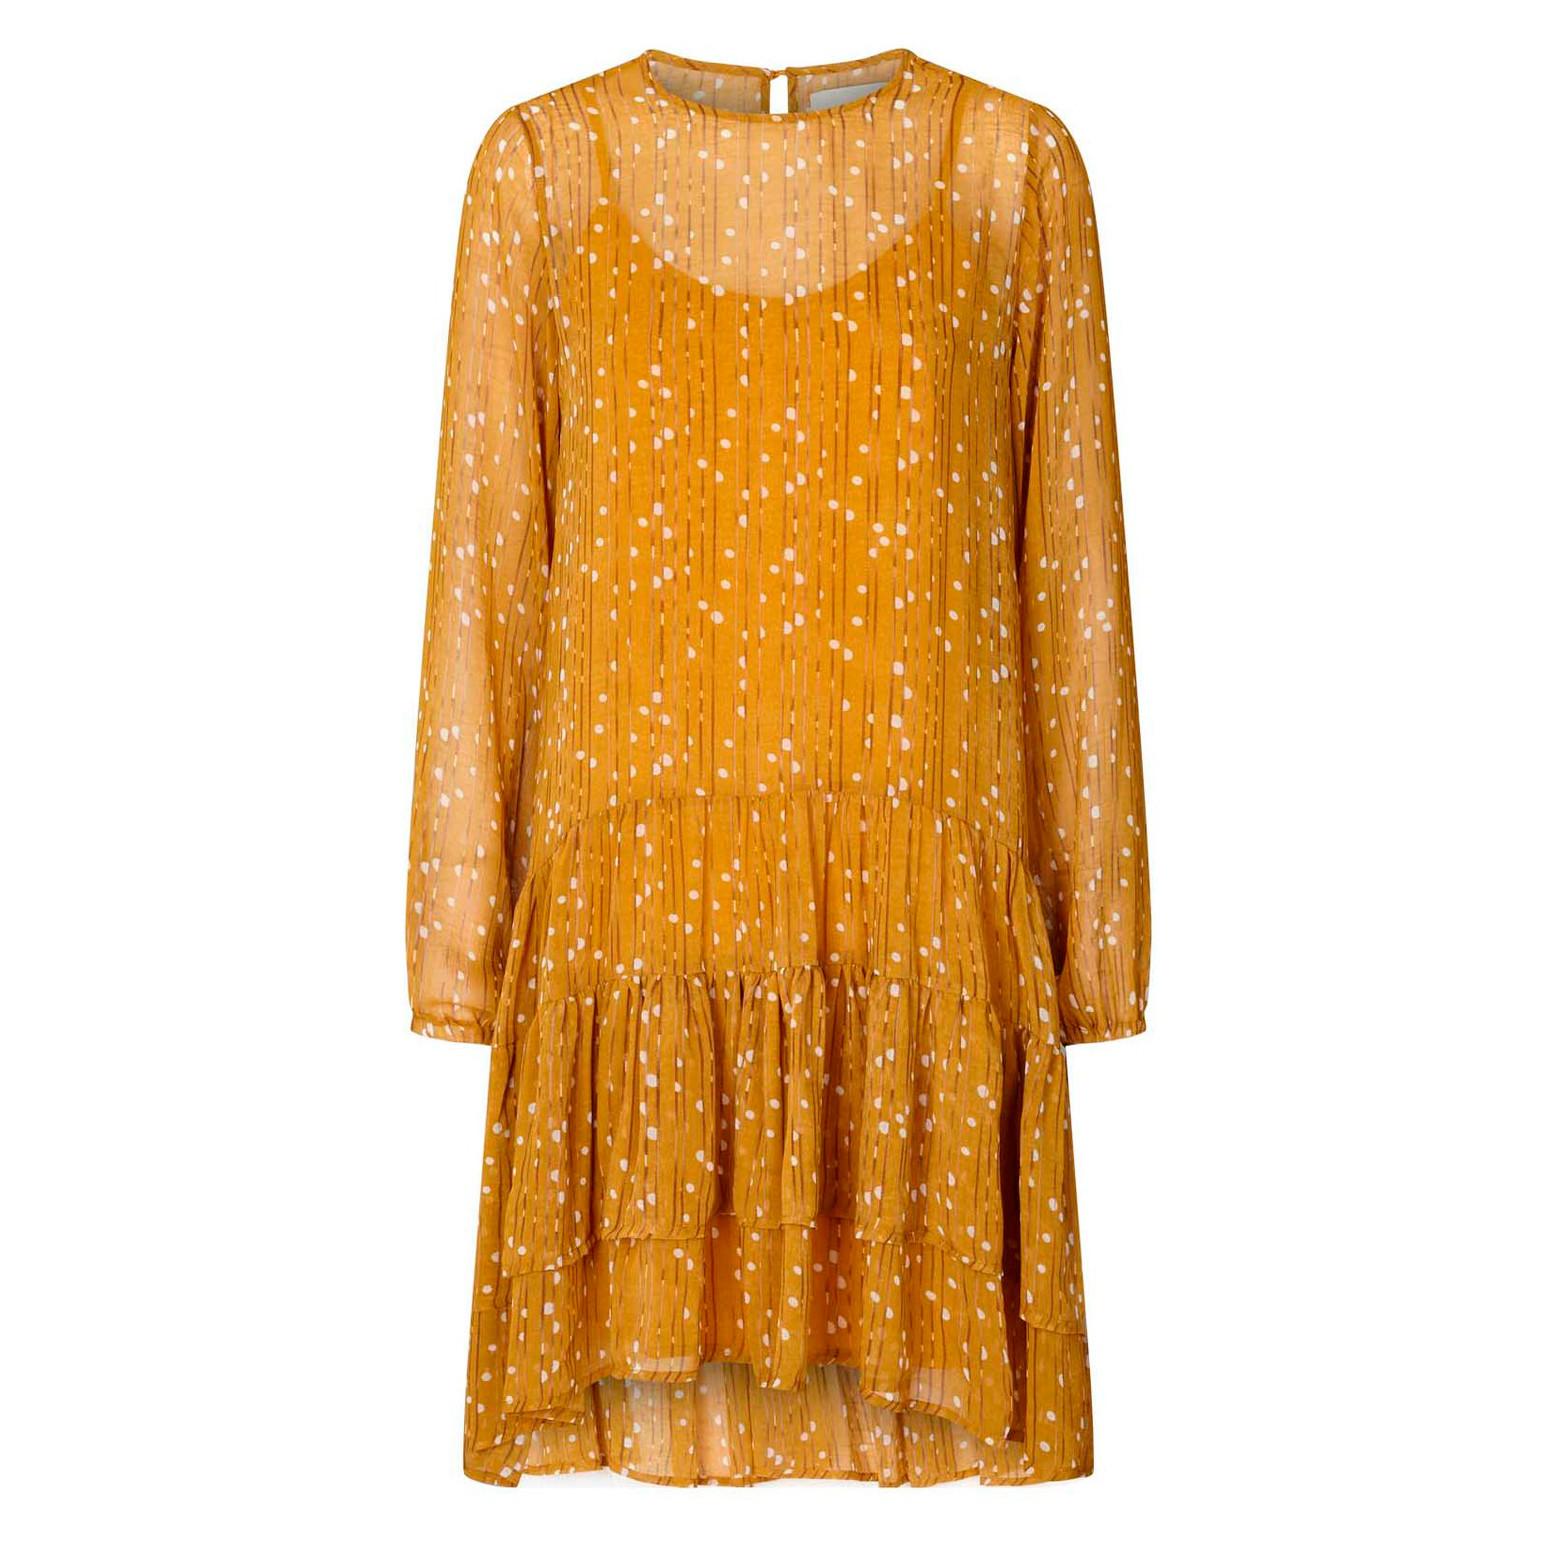 146c6a96 Kjoler til kvinder | Smukke kjoler til både fest og hverdag - Rikke Solberg